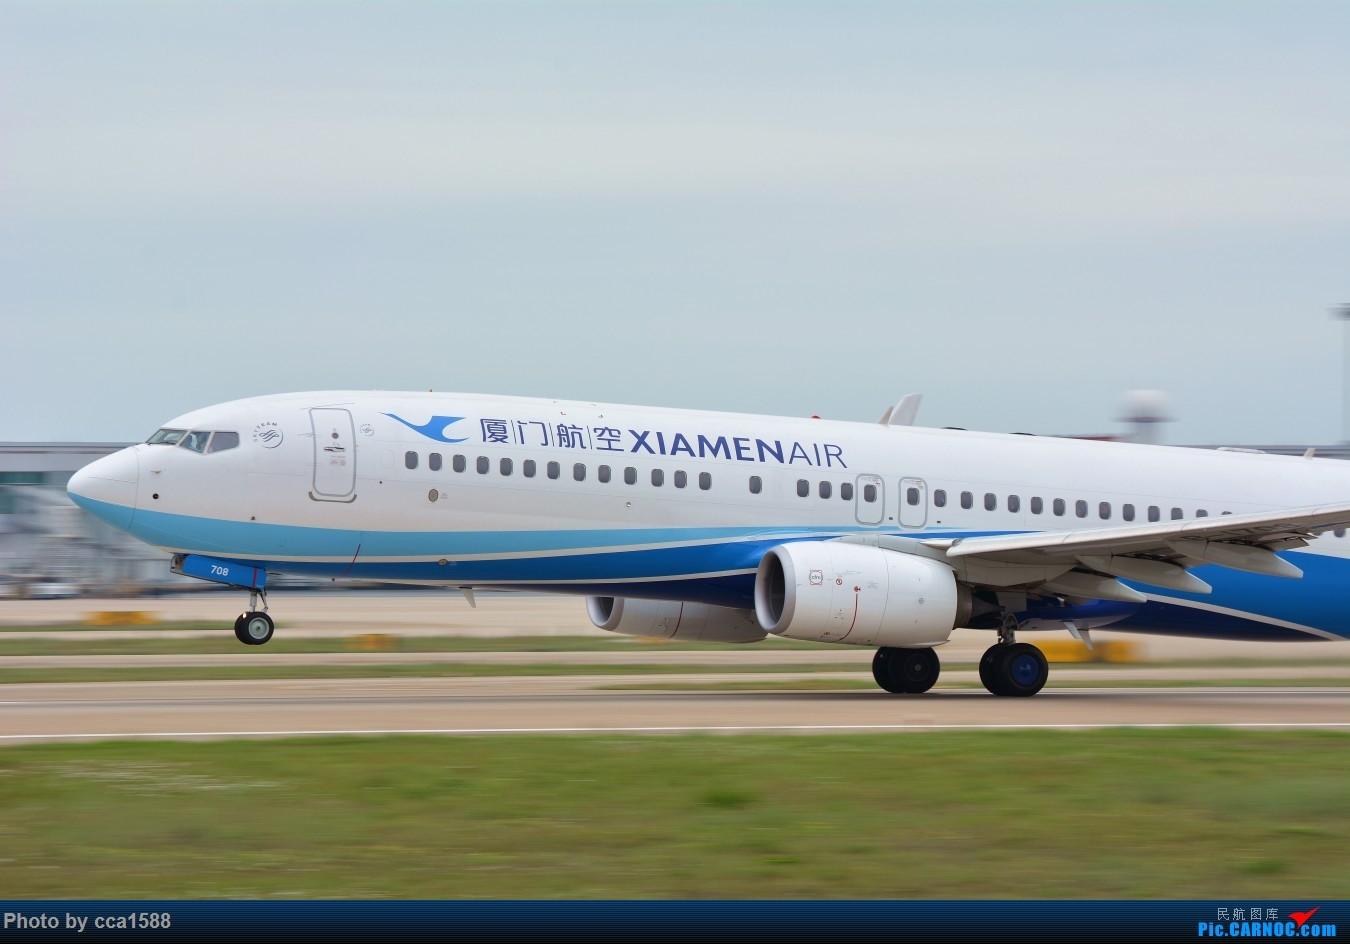 """Re:[原创]【福州飞友会】庆祝""""太空""""回归,一起嗨起来吧~! BOEING 737-800 B-1708 中国福州长乐国际机场"""